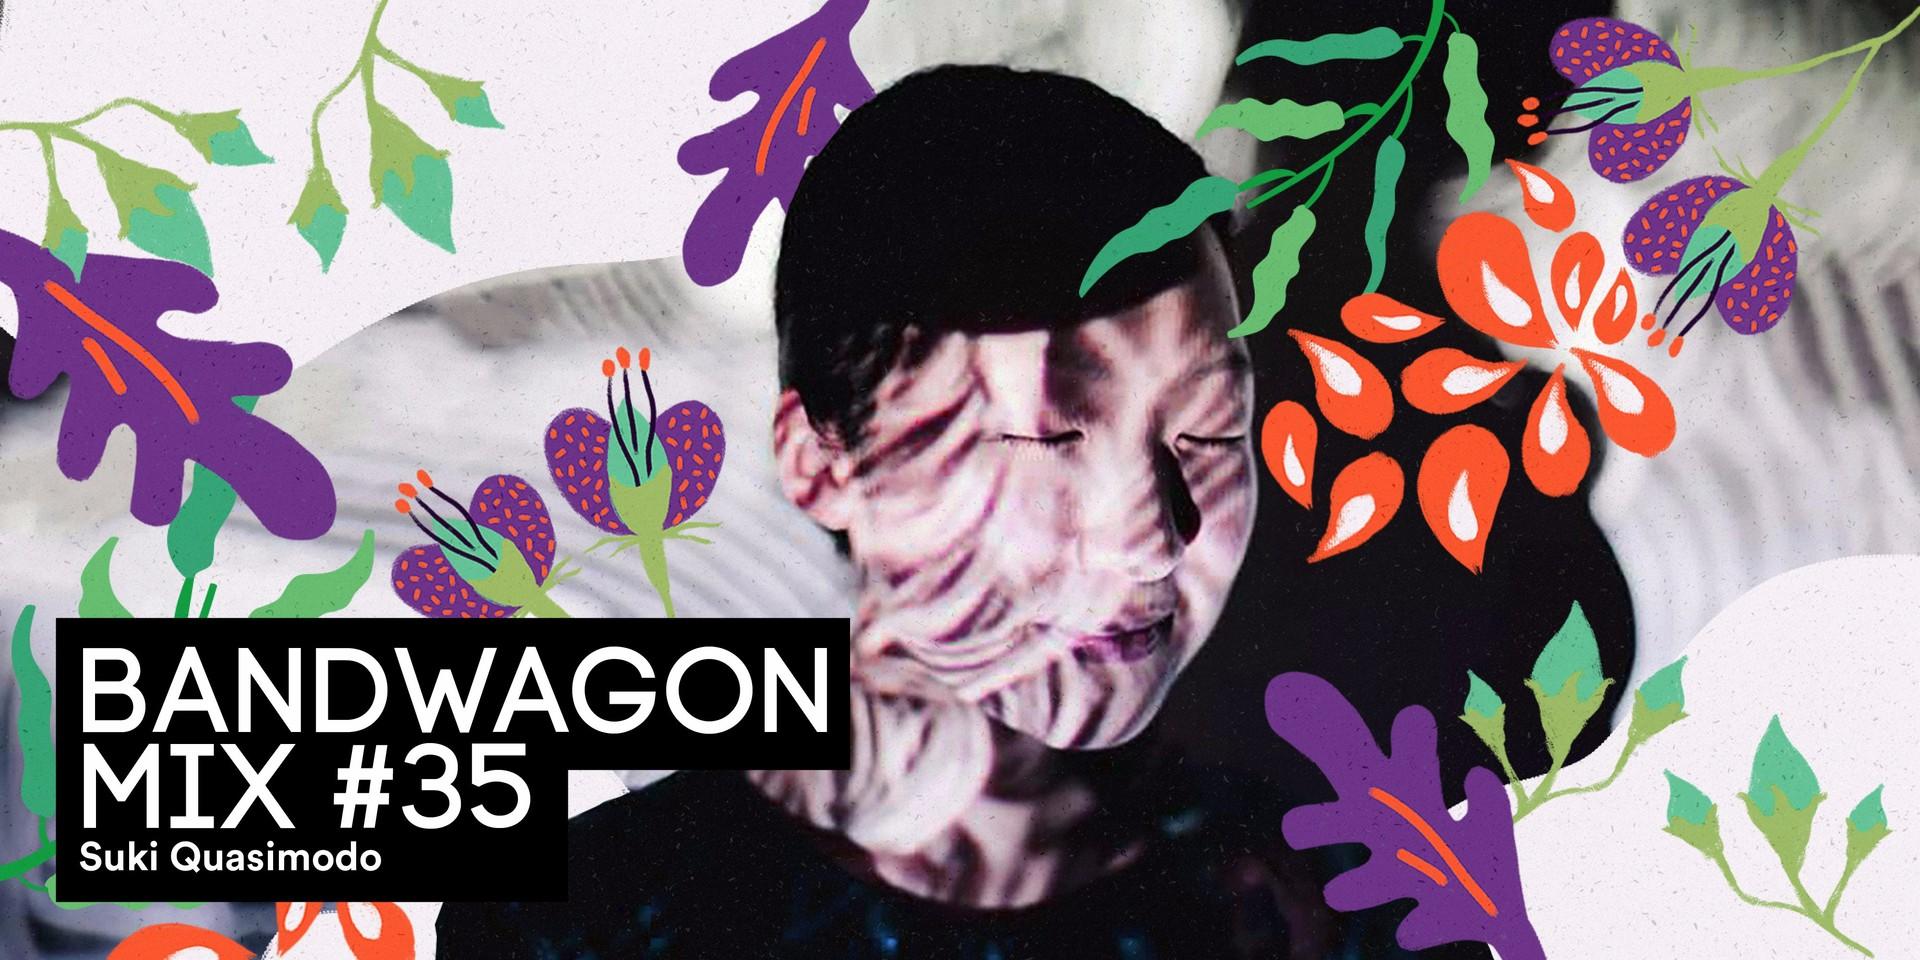 Bandwagon Mix #35: Suki Quasimodo